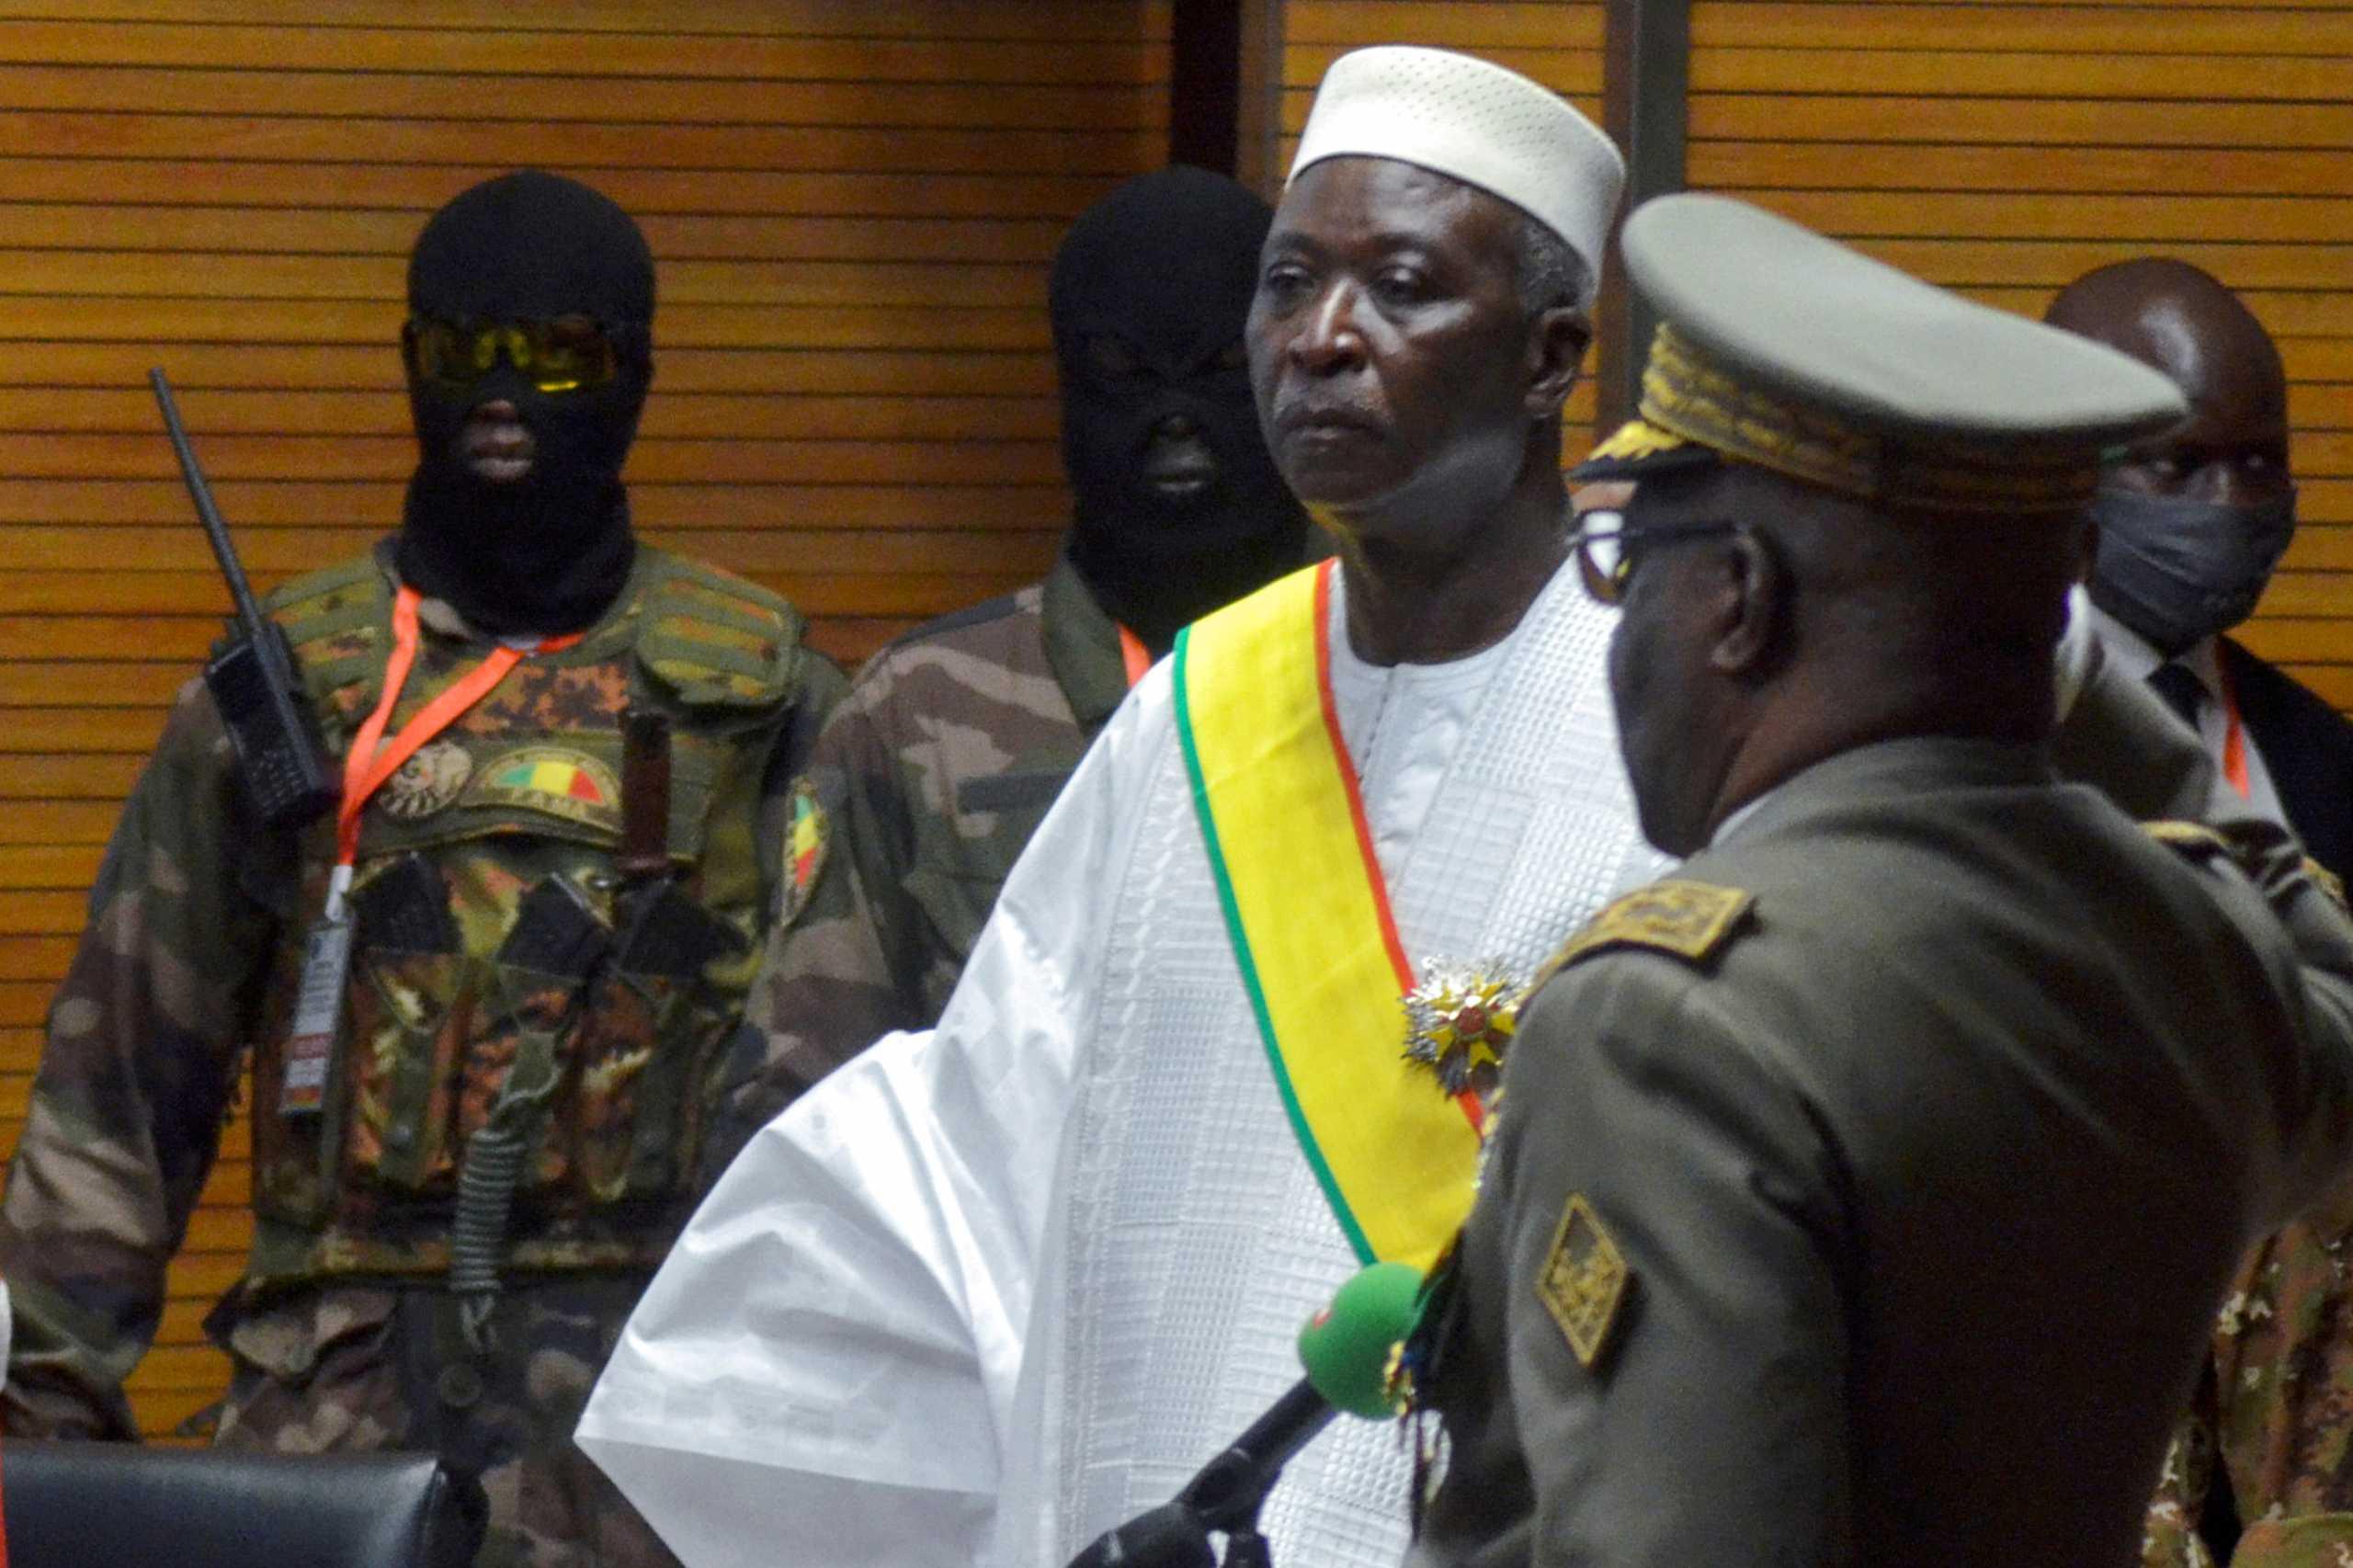 Μαλί: Ο στρατός συνέλαβε τον πρόεδρο, τον πρωθυπουργό και τον υπουργό Άμυνας